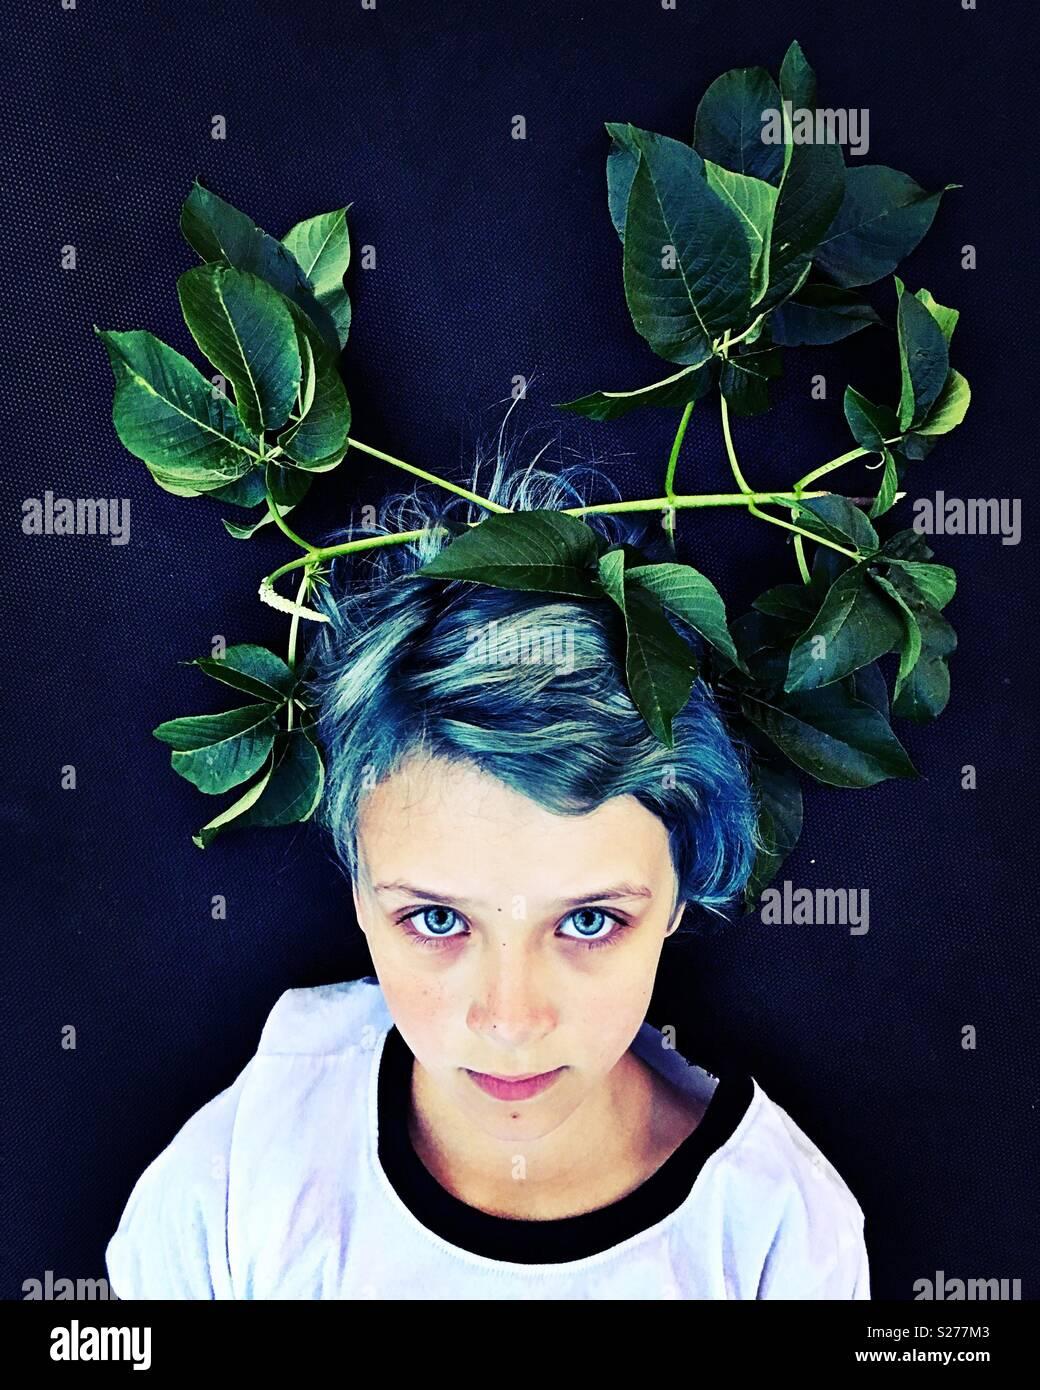 Un bambino con foglie posti sulla parte superiore della sua testa. Immagini Stock